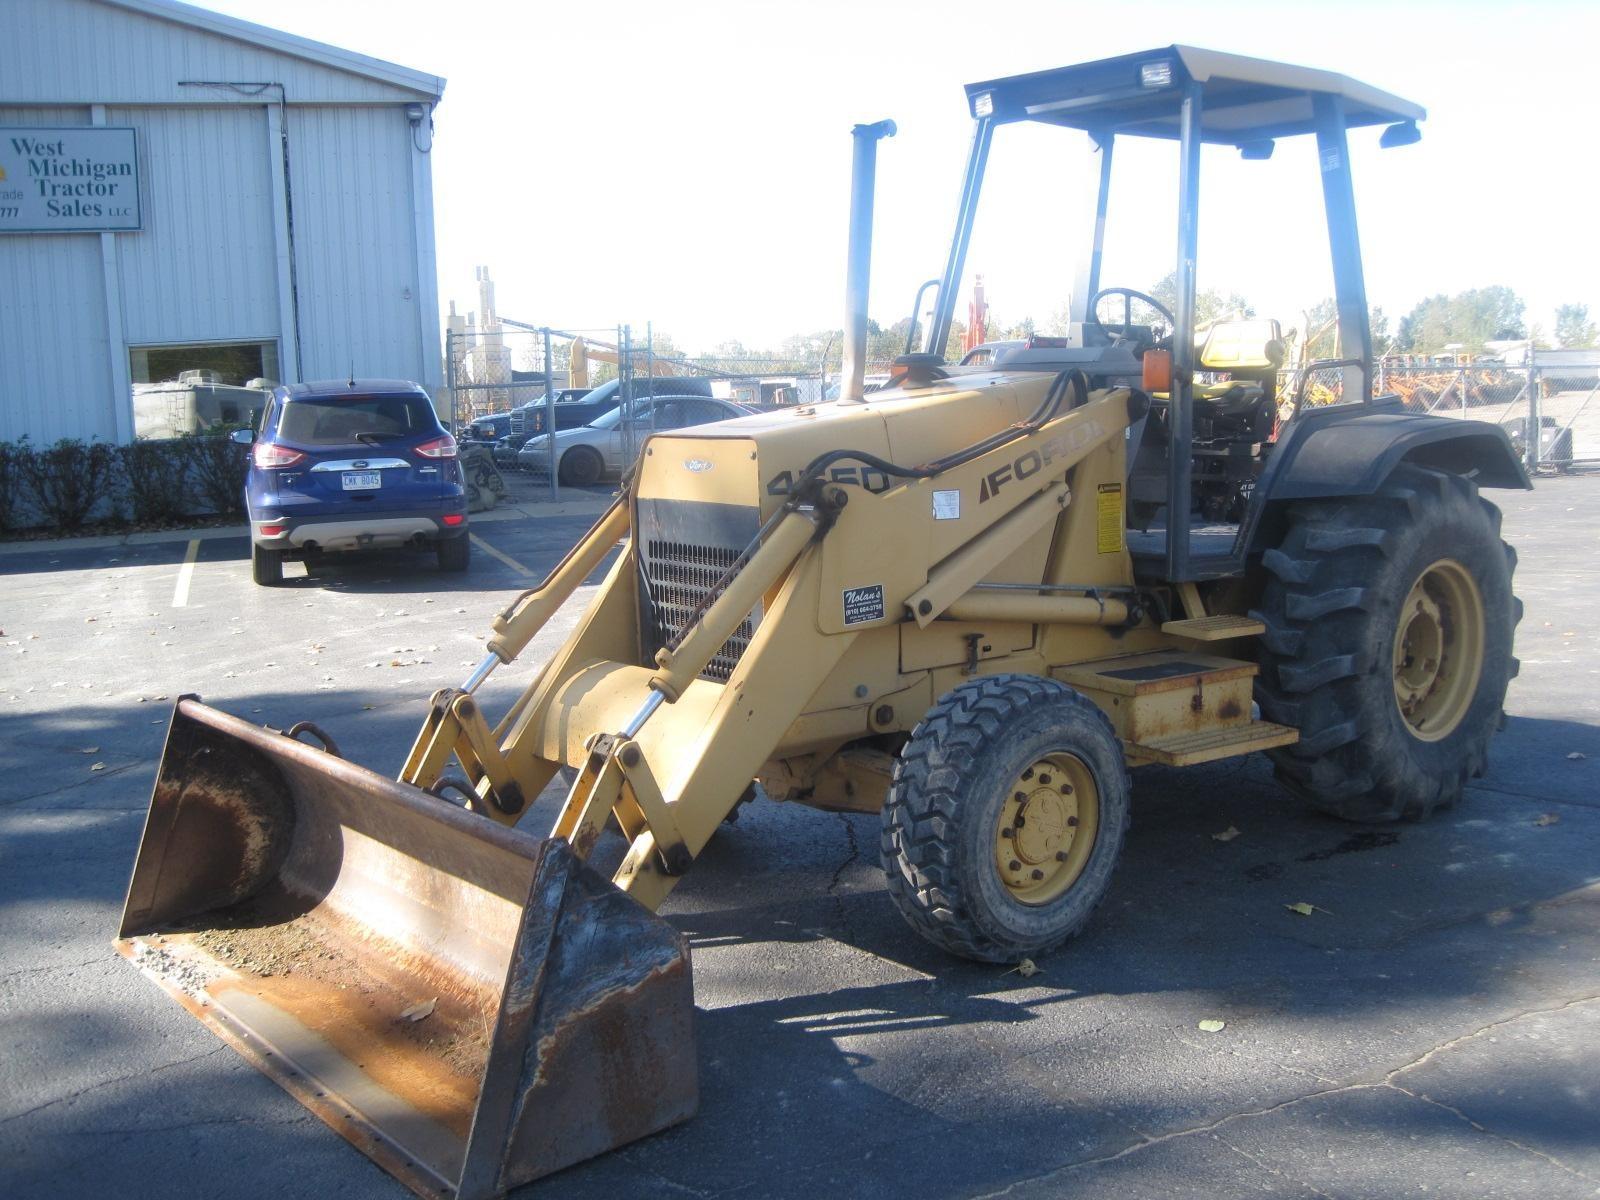 1994 Ford 455d, Holland MI - 119060468 - EquipmentTrader.com